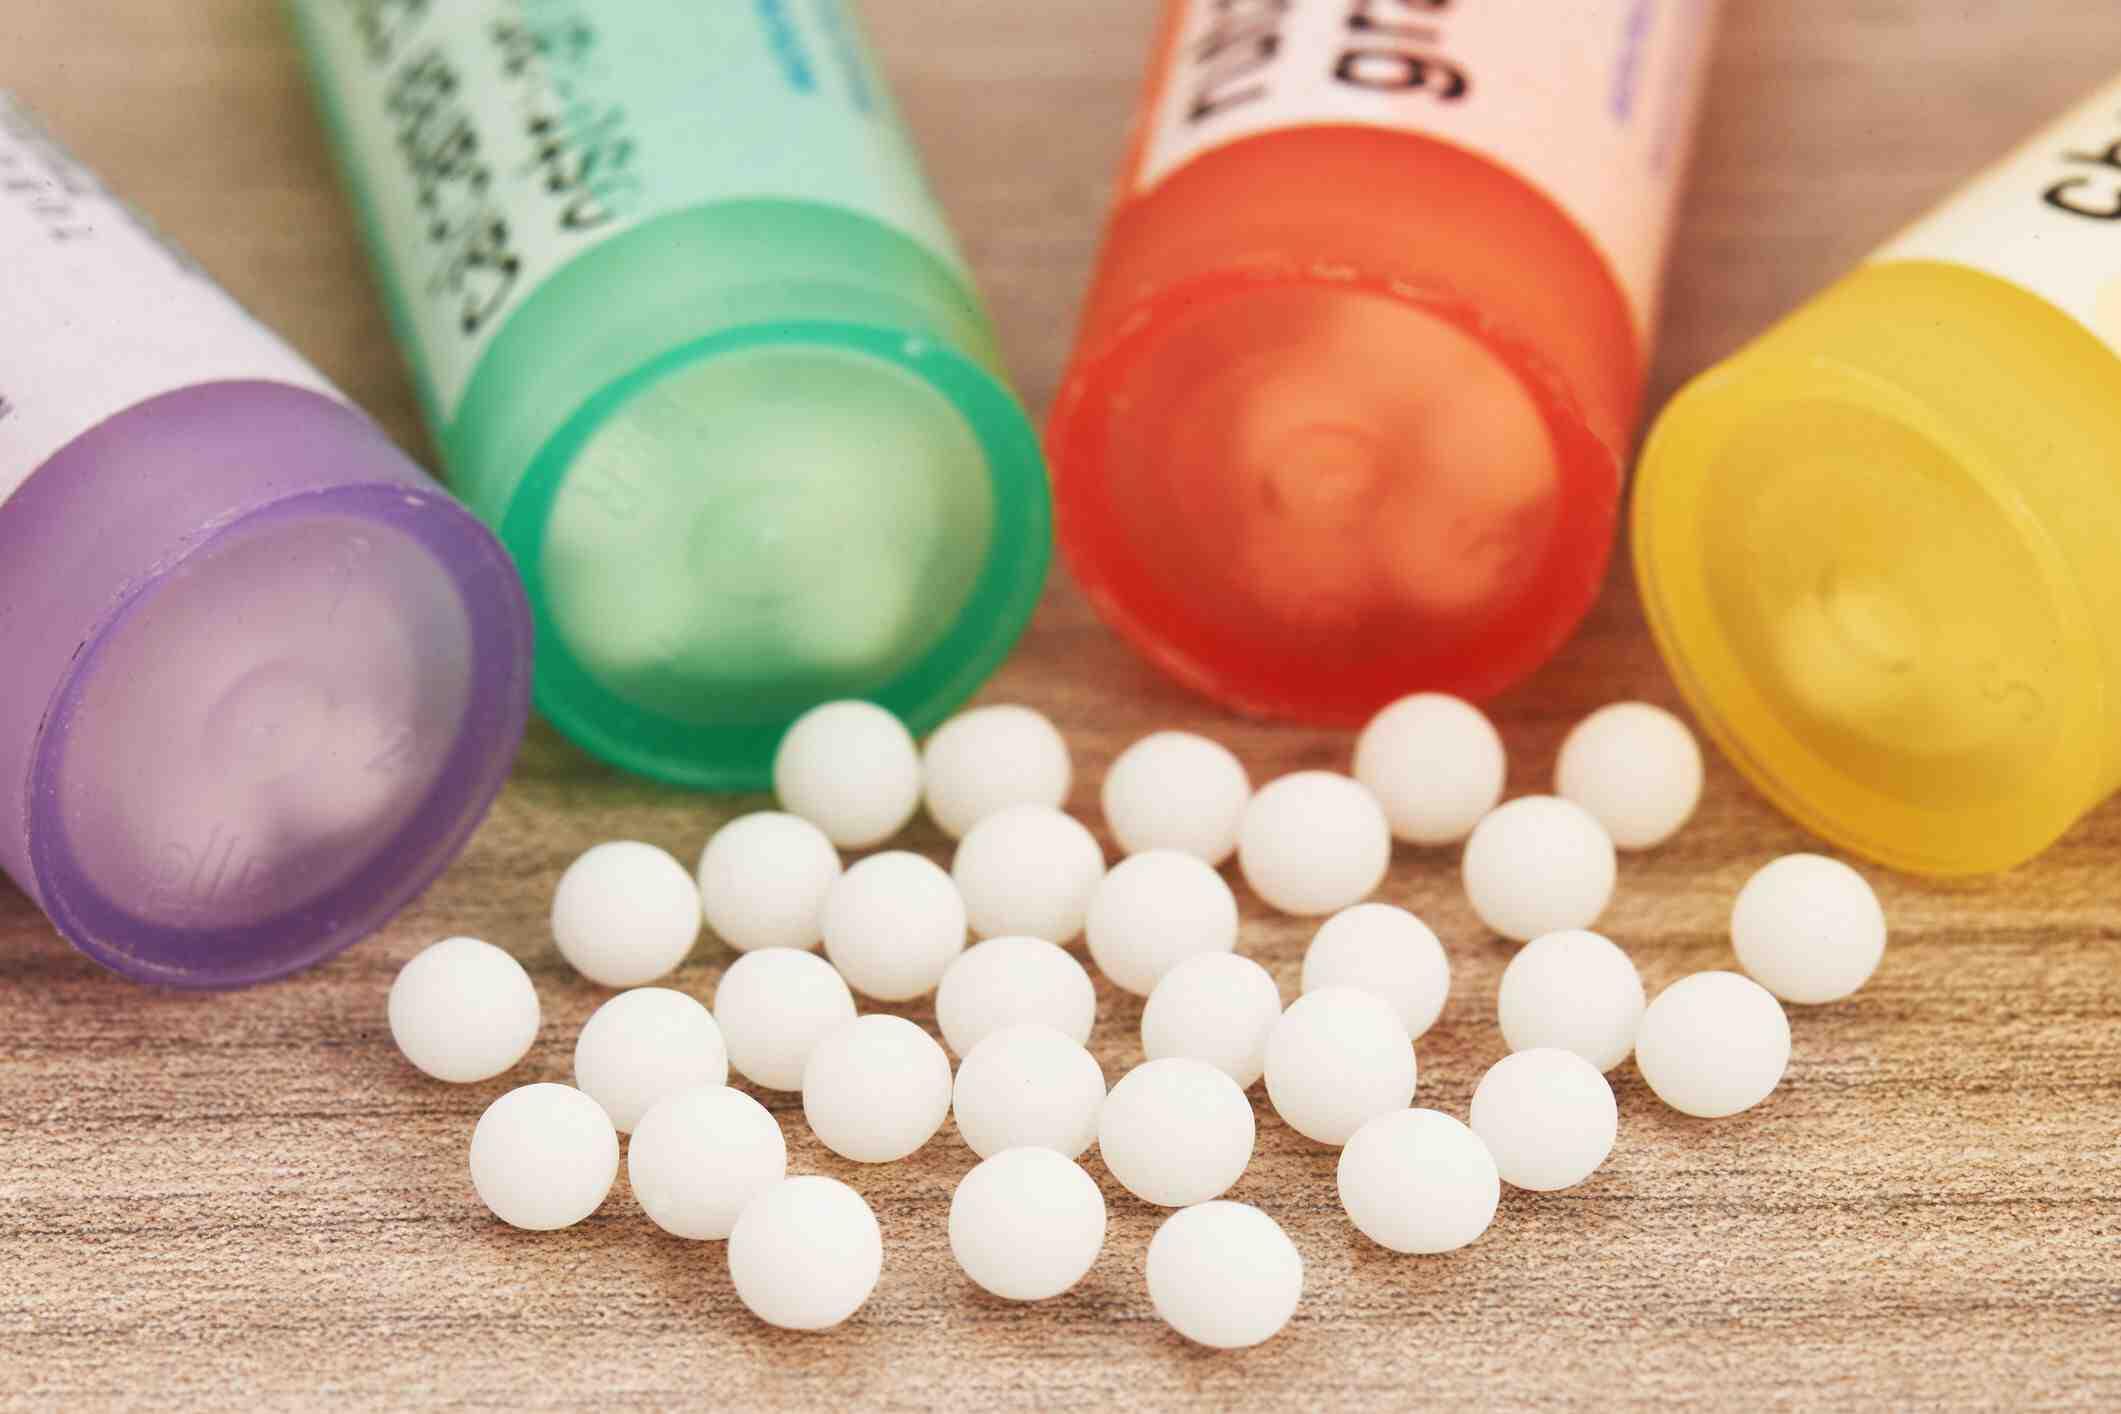 L'homéopathie est-elle efficace?